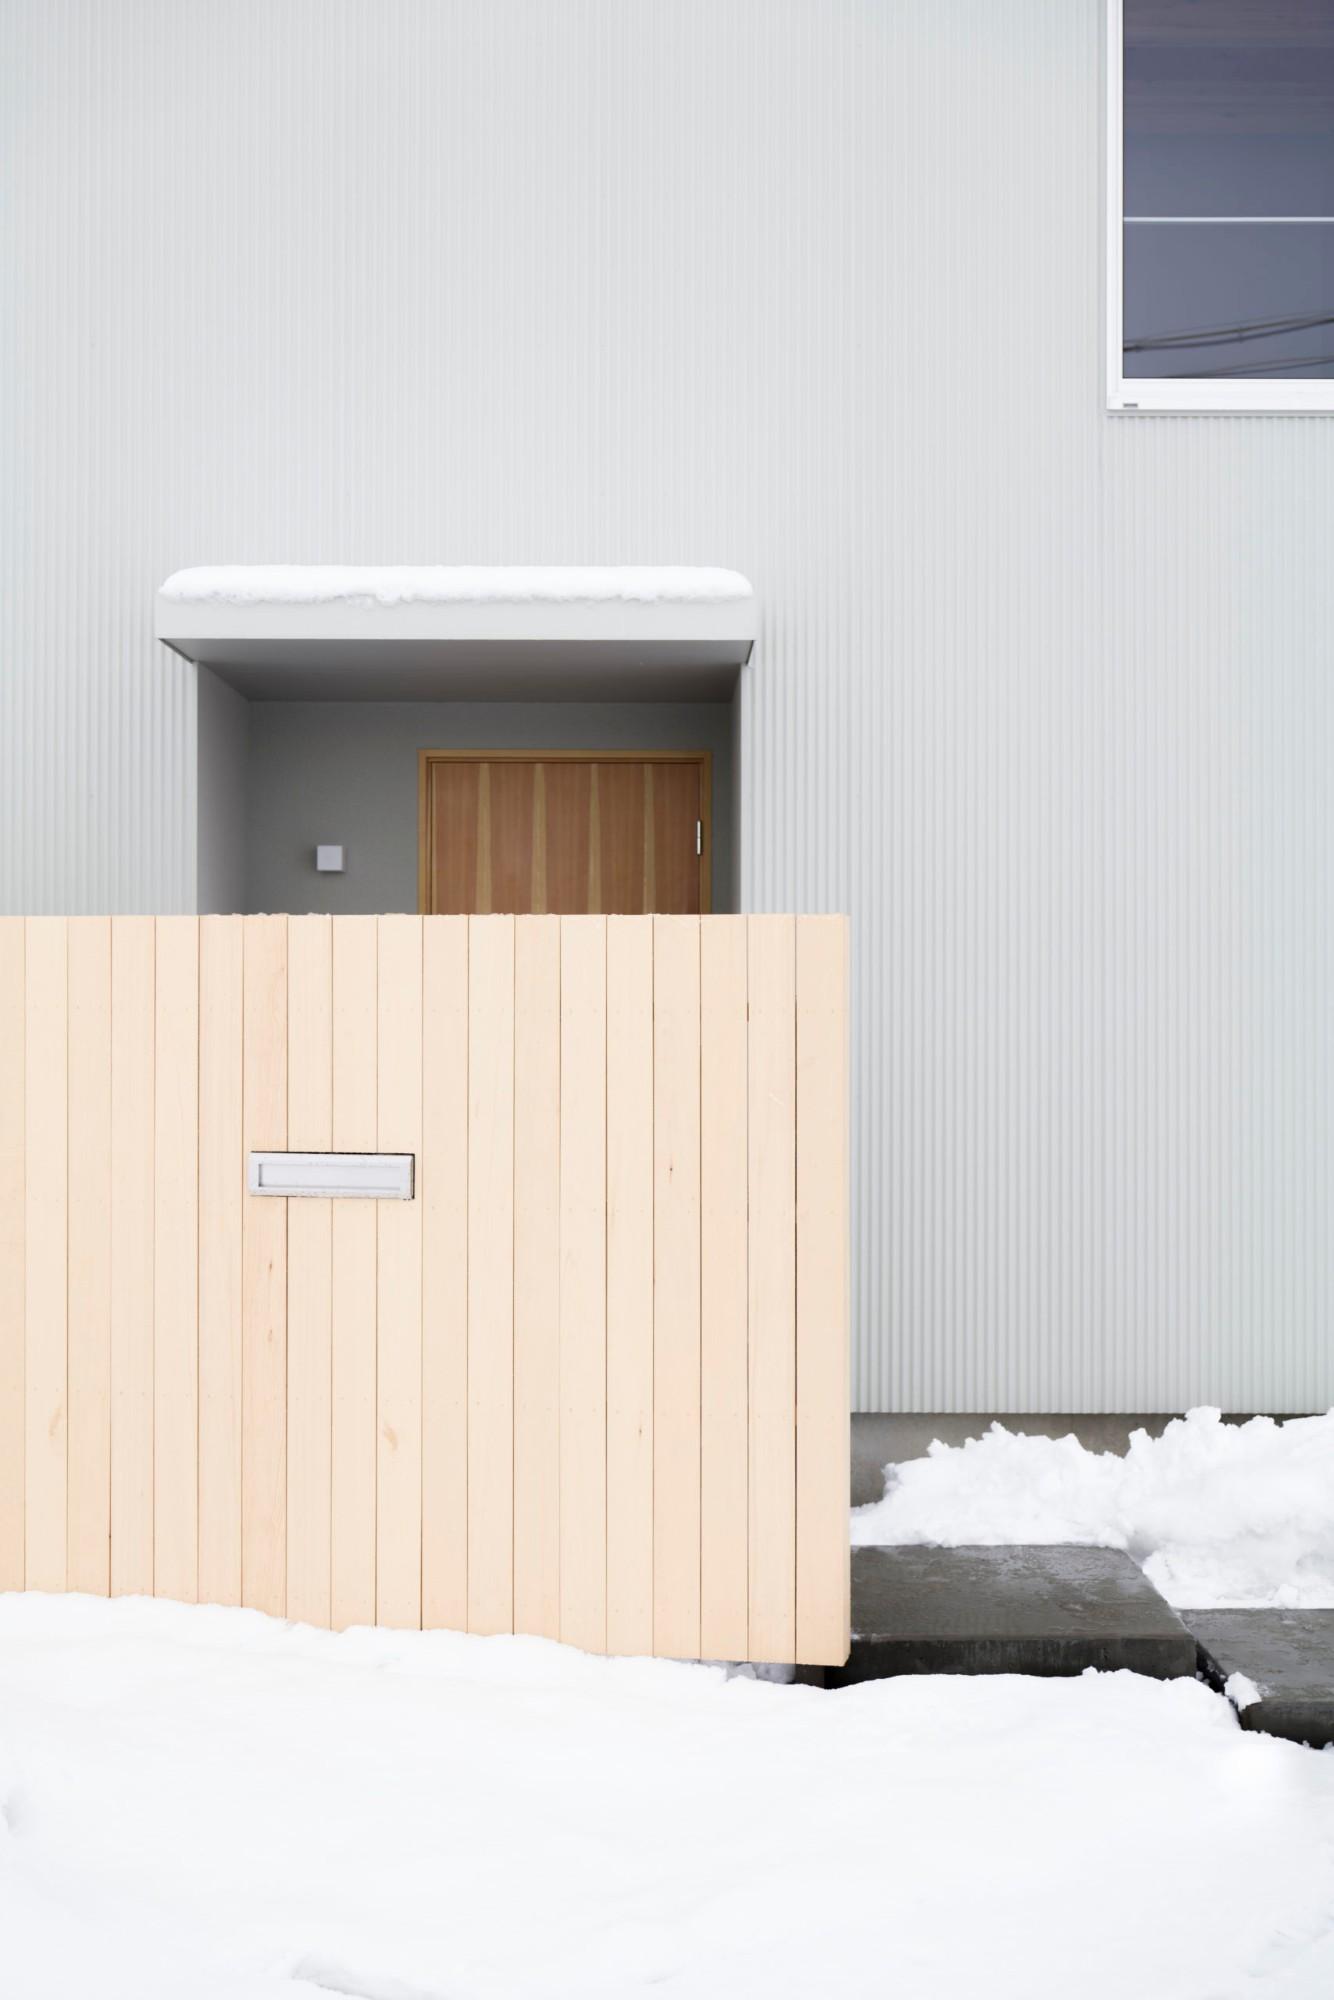 株式会社あかがわ建築設計室「悠遠の家」のシンプル・ナチュラル・自然素材な外観の実例写真